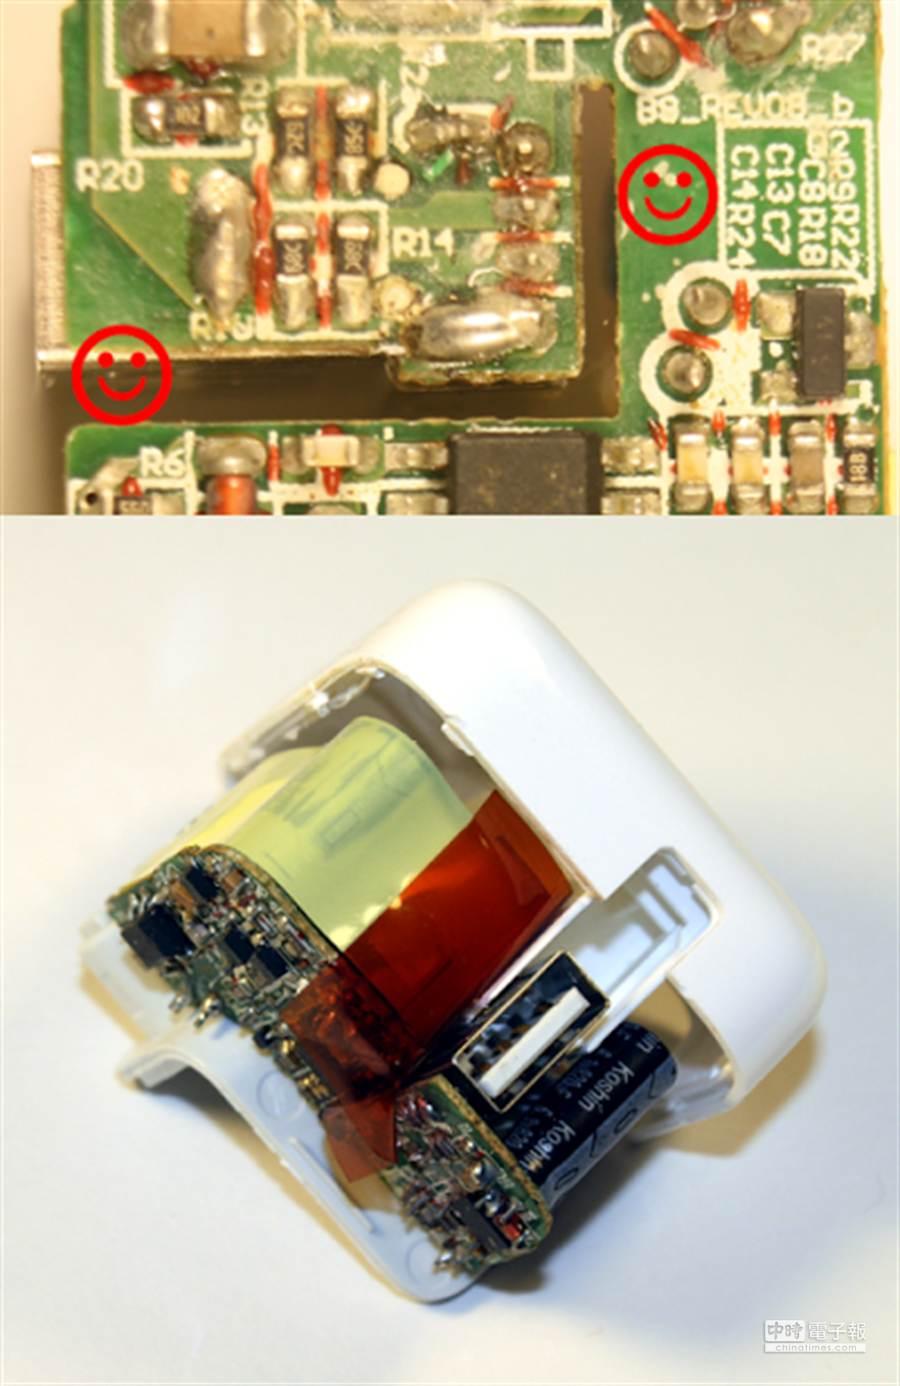 從原廠充電器的電路板可看出,針對低壓電路與高壓電路提供了安全間隙,並套上白色塑膠殻隔絕,中間還加褐色膠帶包覆,至於高電壓部份則用黃色膠膜包覆。(圖/摘自Ken Shirriff's部落格)